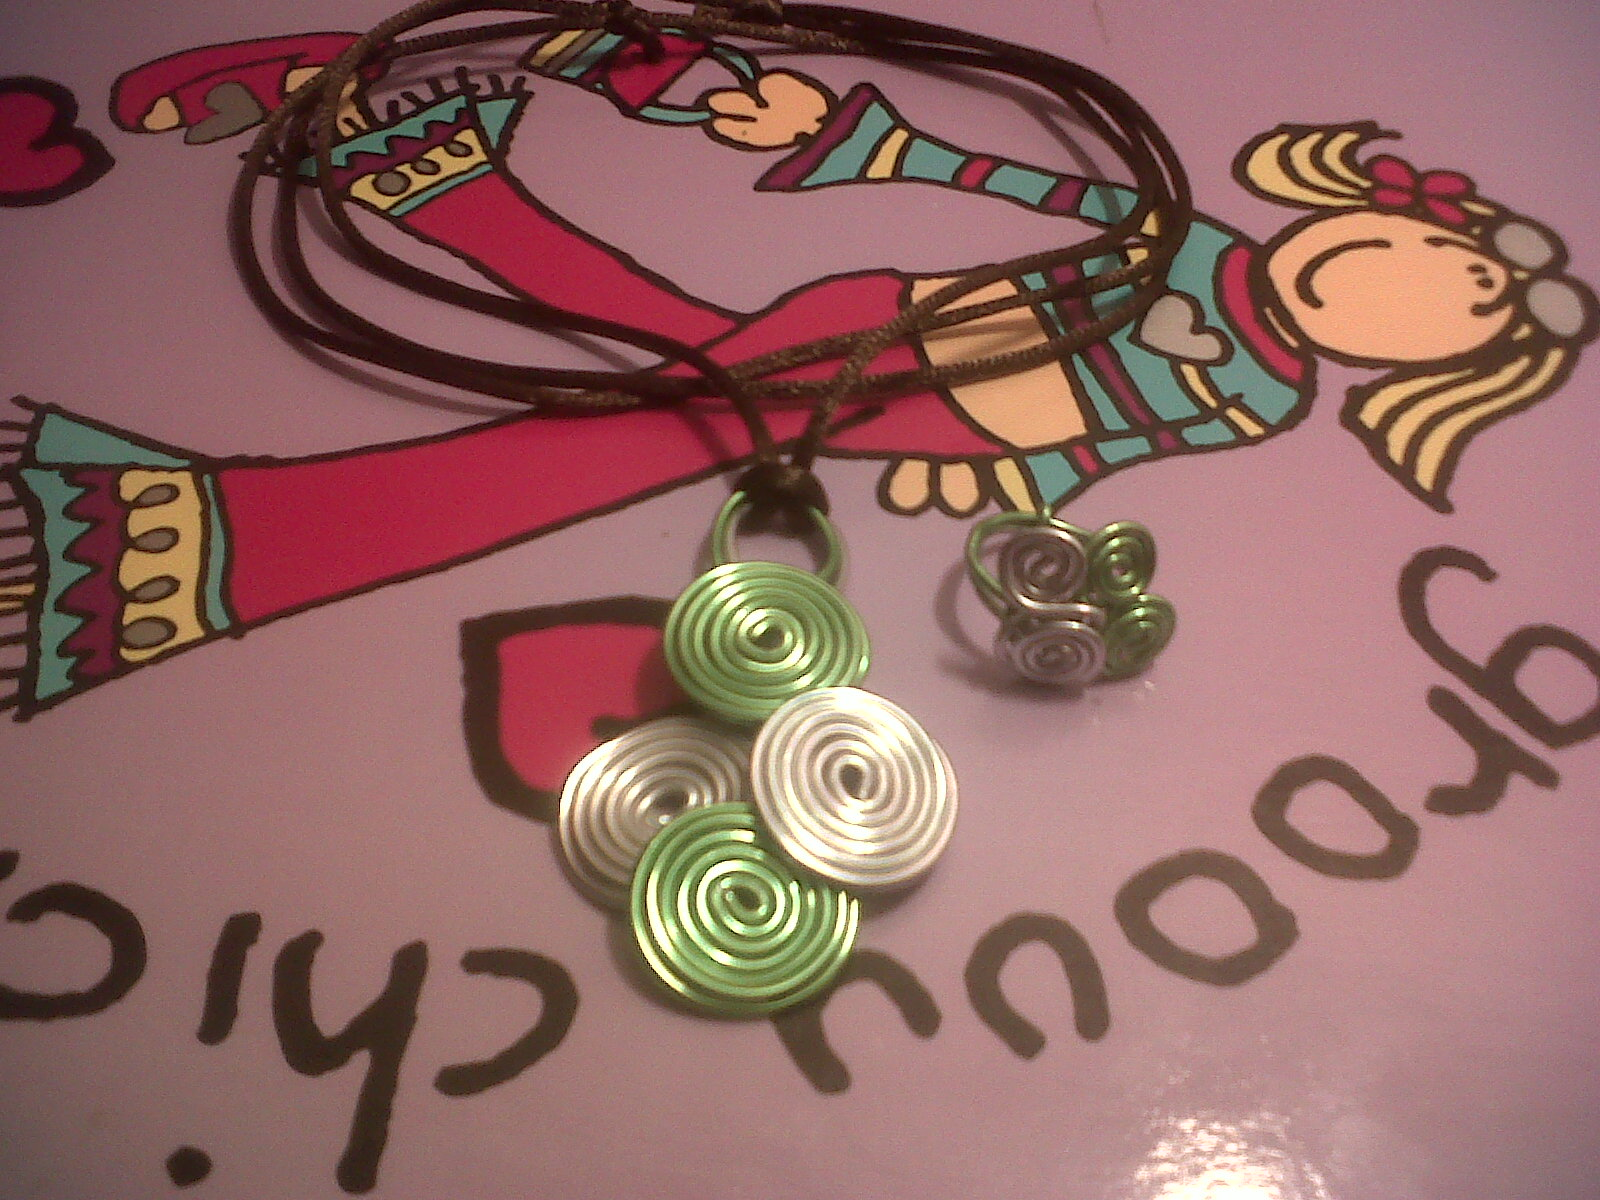 4876e21b722c Juegos y aficiones  Mascotas  Maternidad. para hacer collares y pulseras.  esque me gusta mucho hacerme mis pulseras y collares y me gustaria  encontrar.